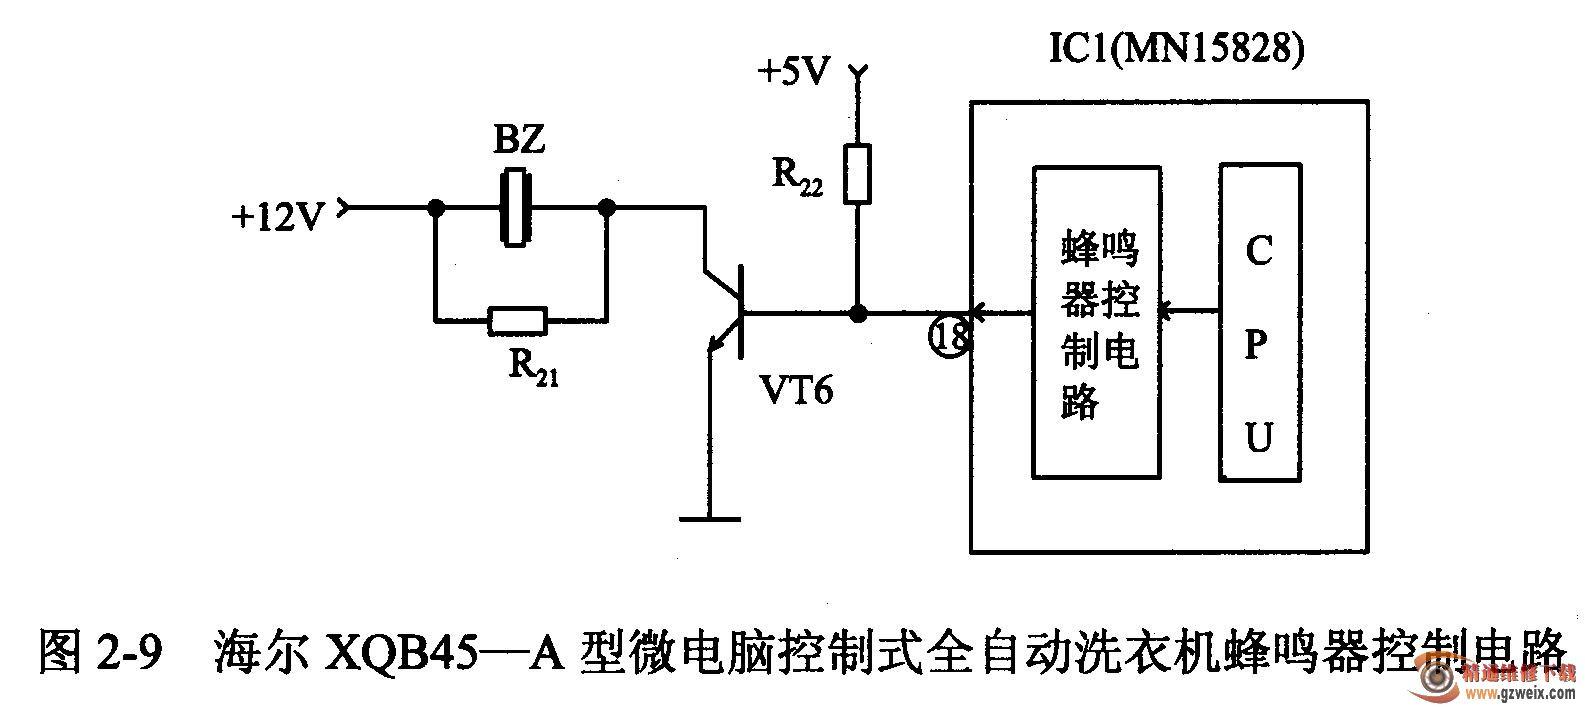 海尔xqb45-a型微电脑控制式全自动洗衣机按压按键或